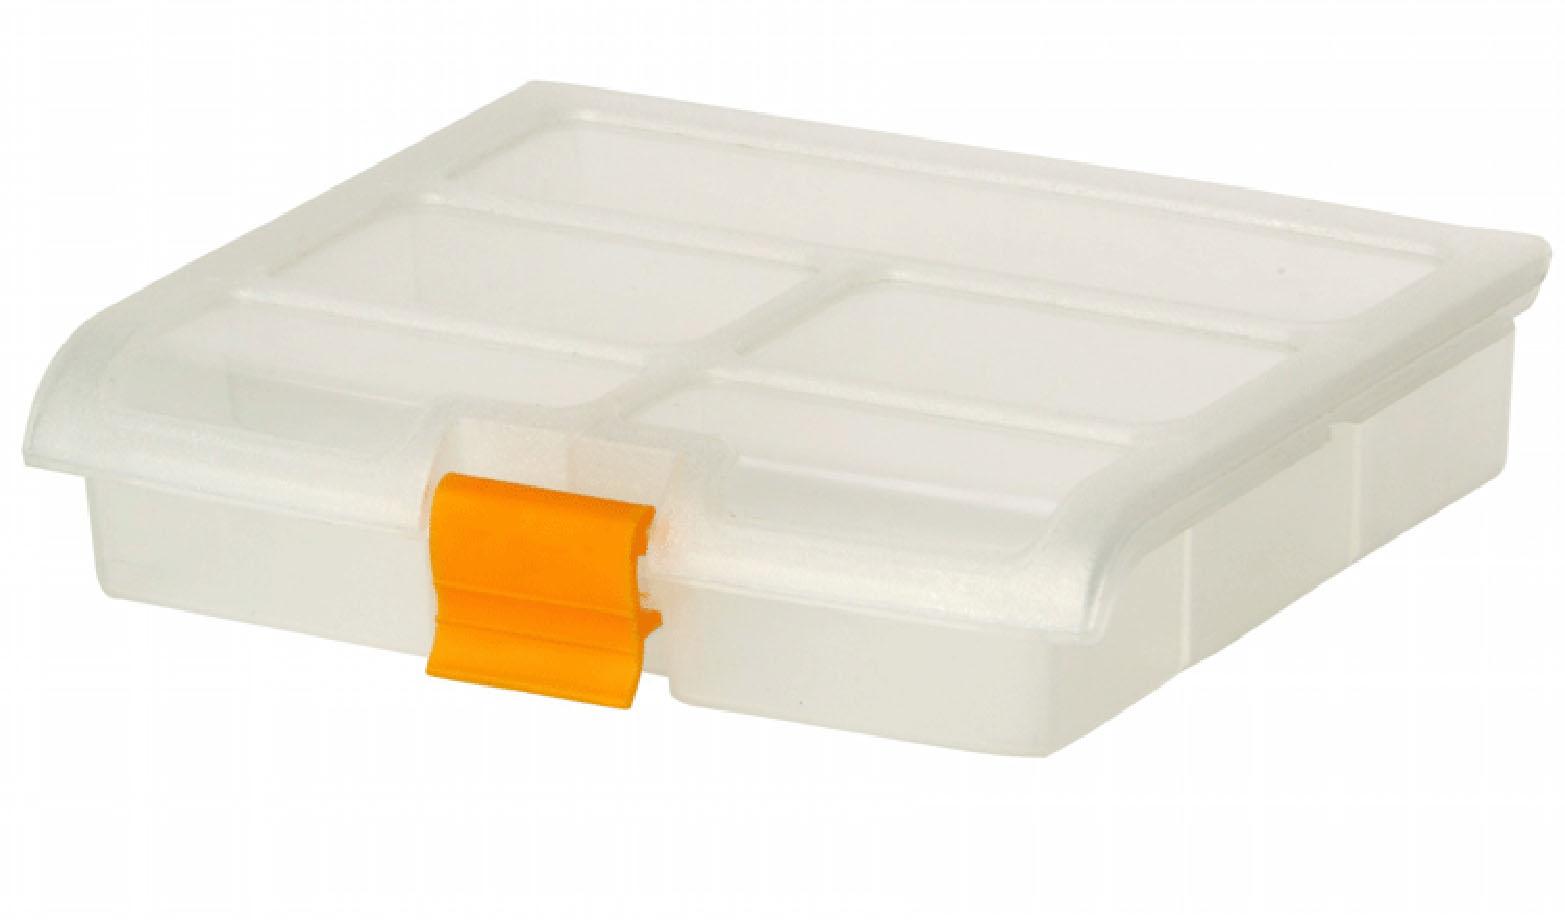 Блок для мелочей Idea, 16,5 см х 13,5 см х 3,5 смБрелок для ключейБлок Idea, выполненный из пластика, предназначен для хранения различных мелочей. Все внутреннее пространство блока разделено на 5 ячеек. Блок для мелочей Idea подходит для упорядоченного хранения принадлежностей для рукоделия, материалов для ремонта и строительства, рыболовных снастей, канцелярских товаров, медицинских препаратов. Случайное раскрытие крышки исключается благодаря надежной защелке.Размер ячеек: 14,5 см х 3,5 см, 2 х 7 см х 4 см, 2 х 7 см х 3,5 см.